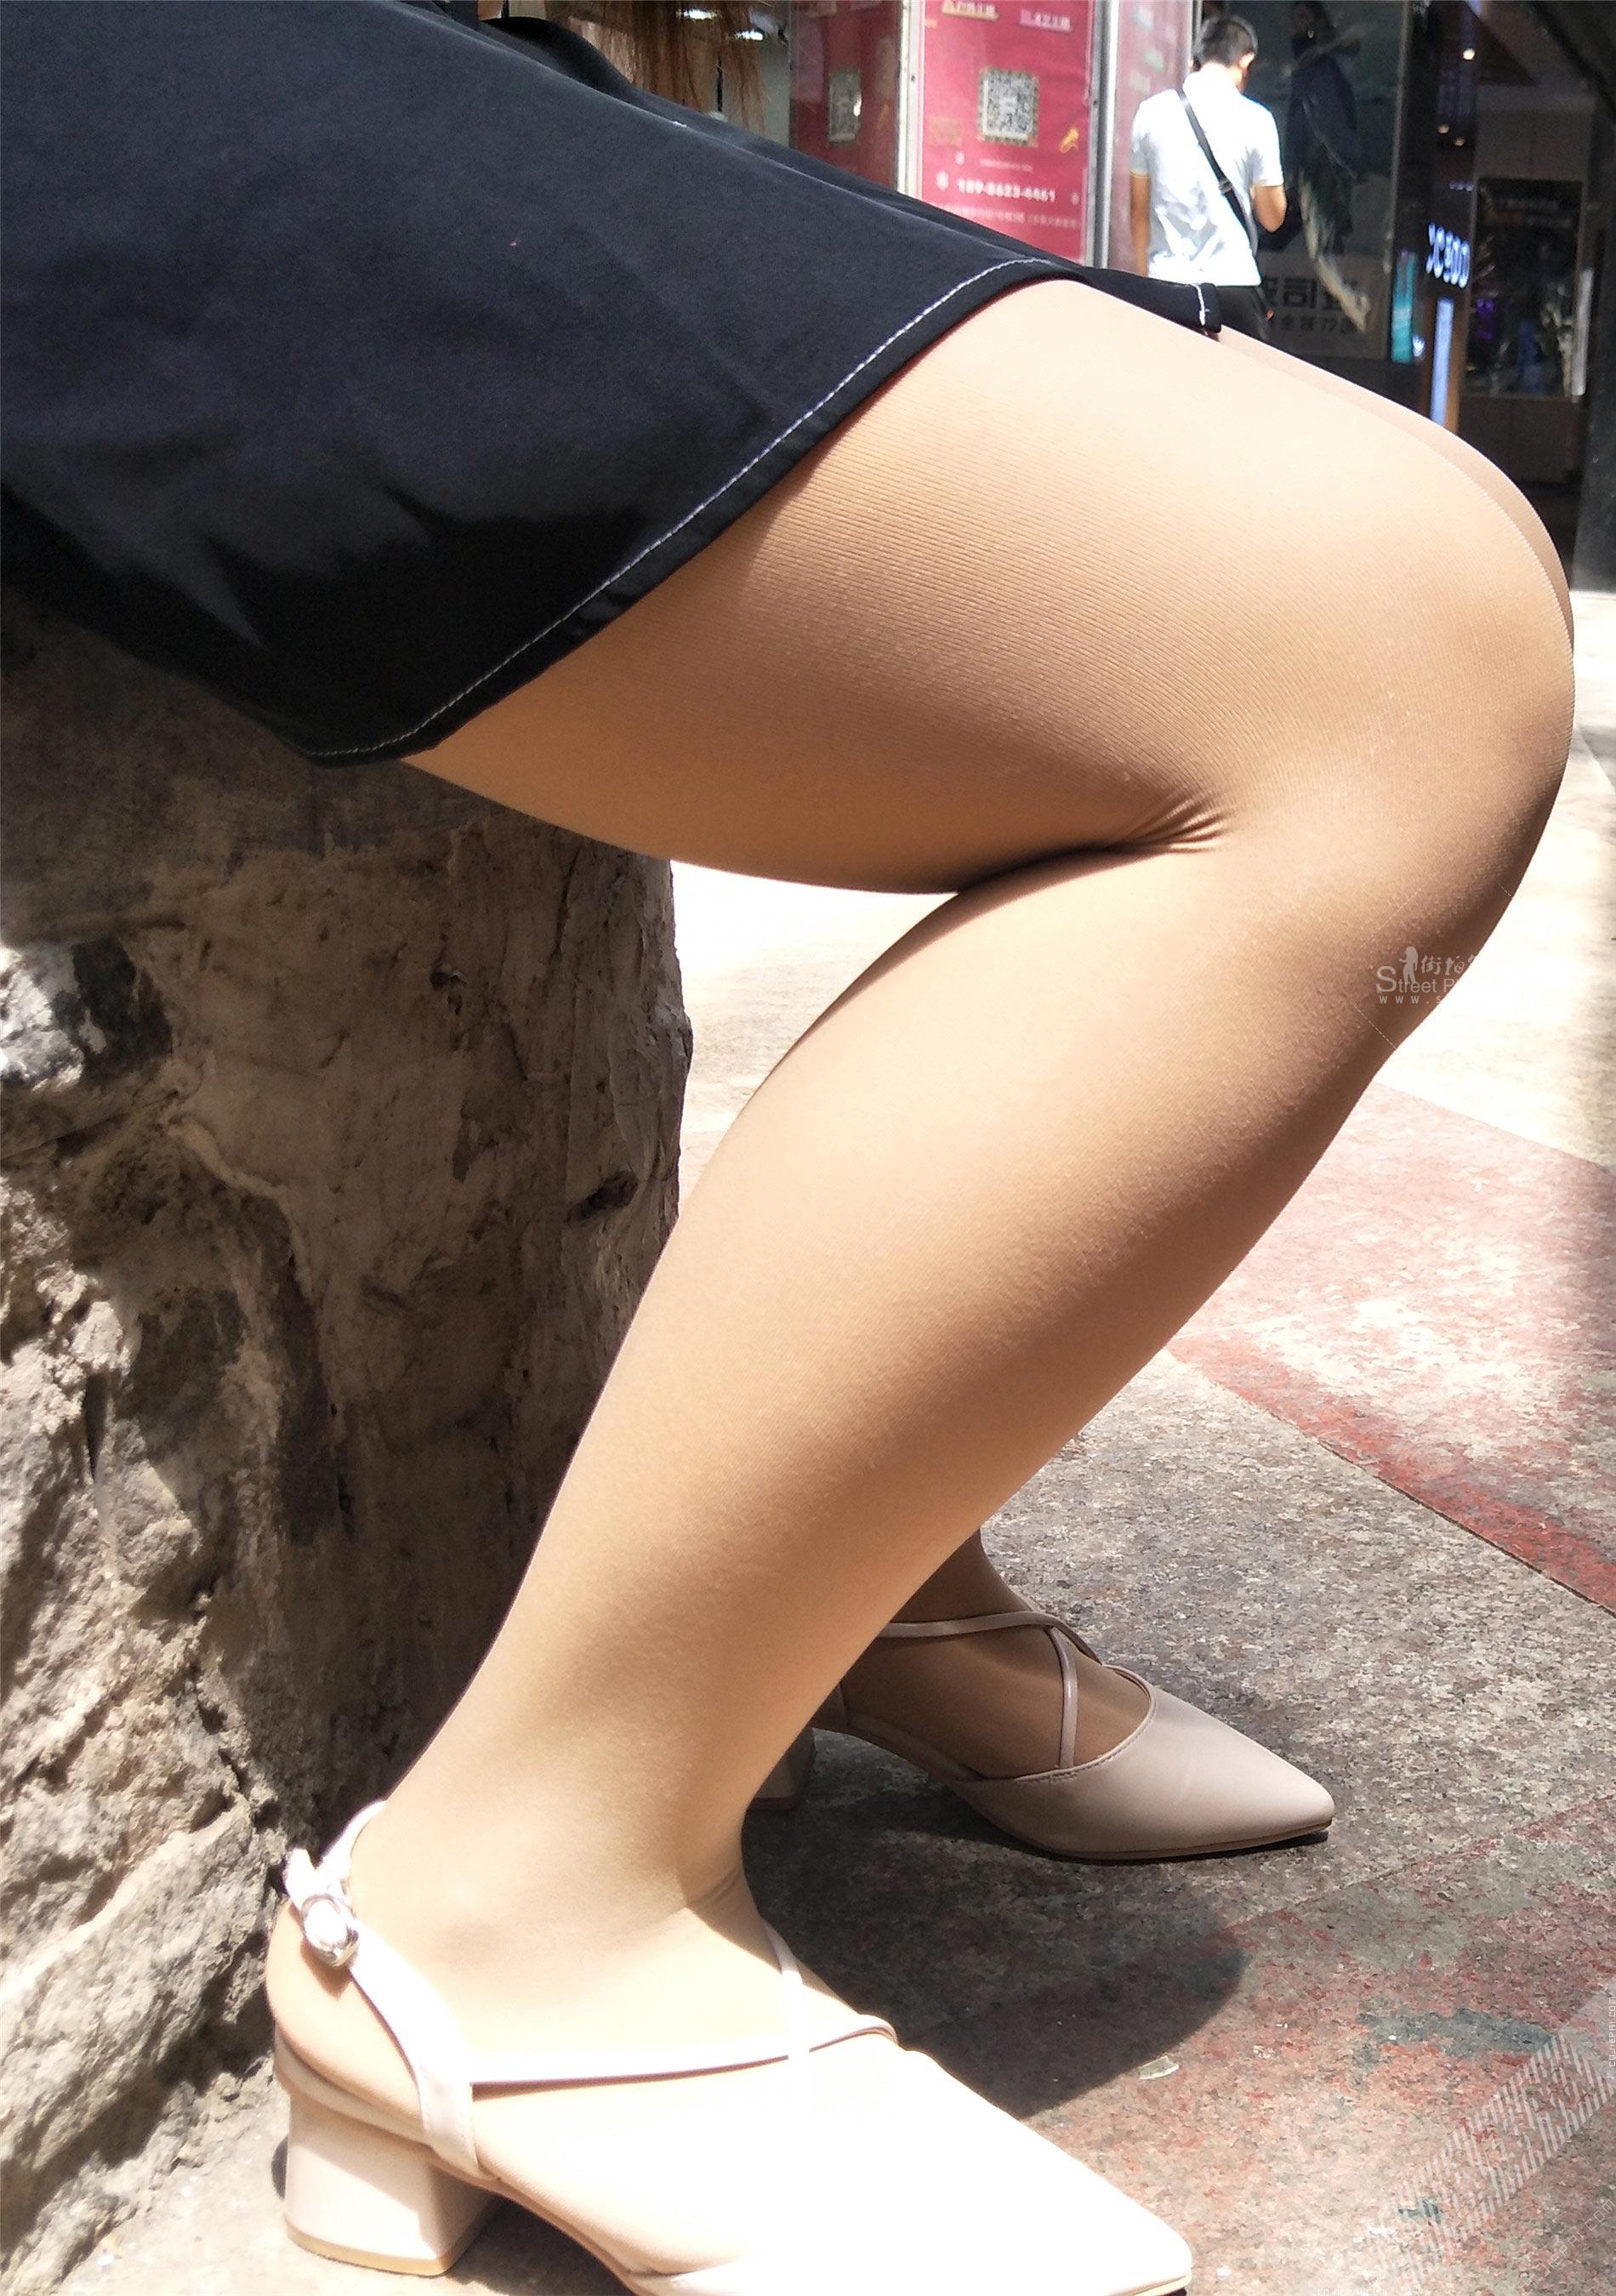 街拍坐着休息的短裙美女,超清特写厚肉丝美腿 图5